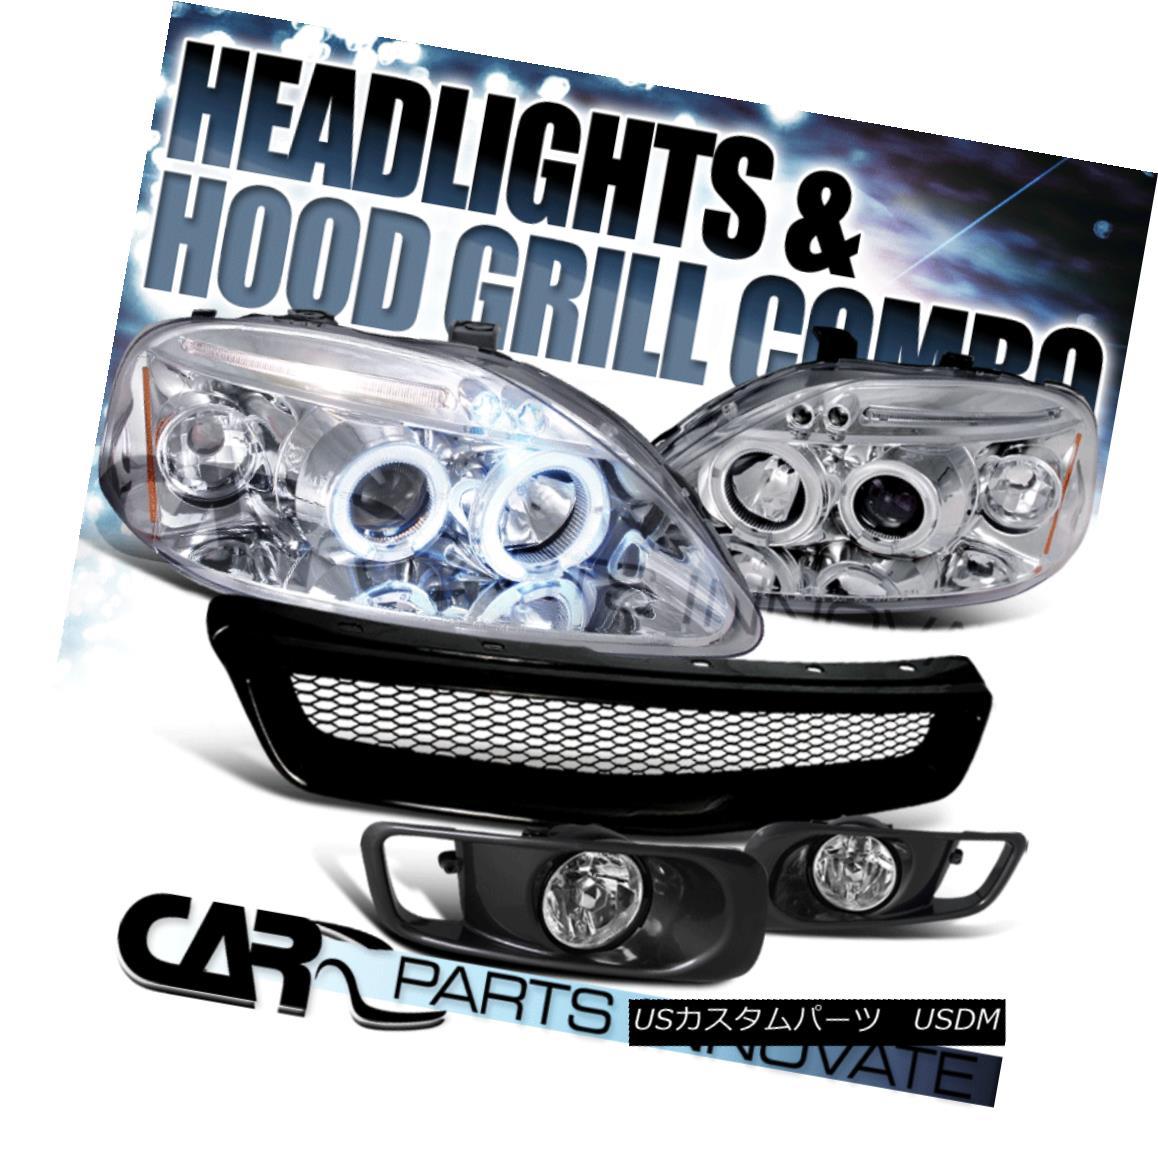 グリル Fit 99-00 Civic Chrome LED Projector Headlight+Clear Fog Bumper Lamp+Mesh Grille フィット99-00シビッククロームLEDプロジェクターヘッドライト+クリーア rフォグバンパーランプ+メッシュグリル